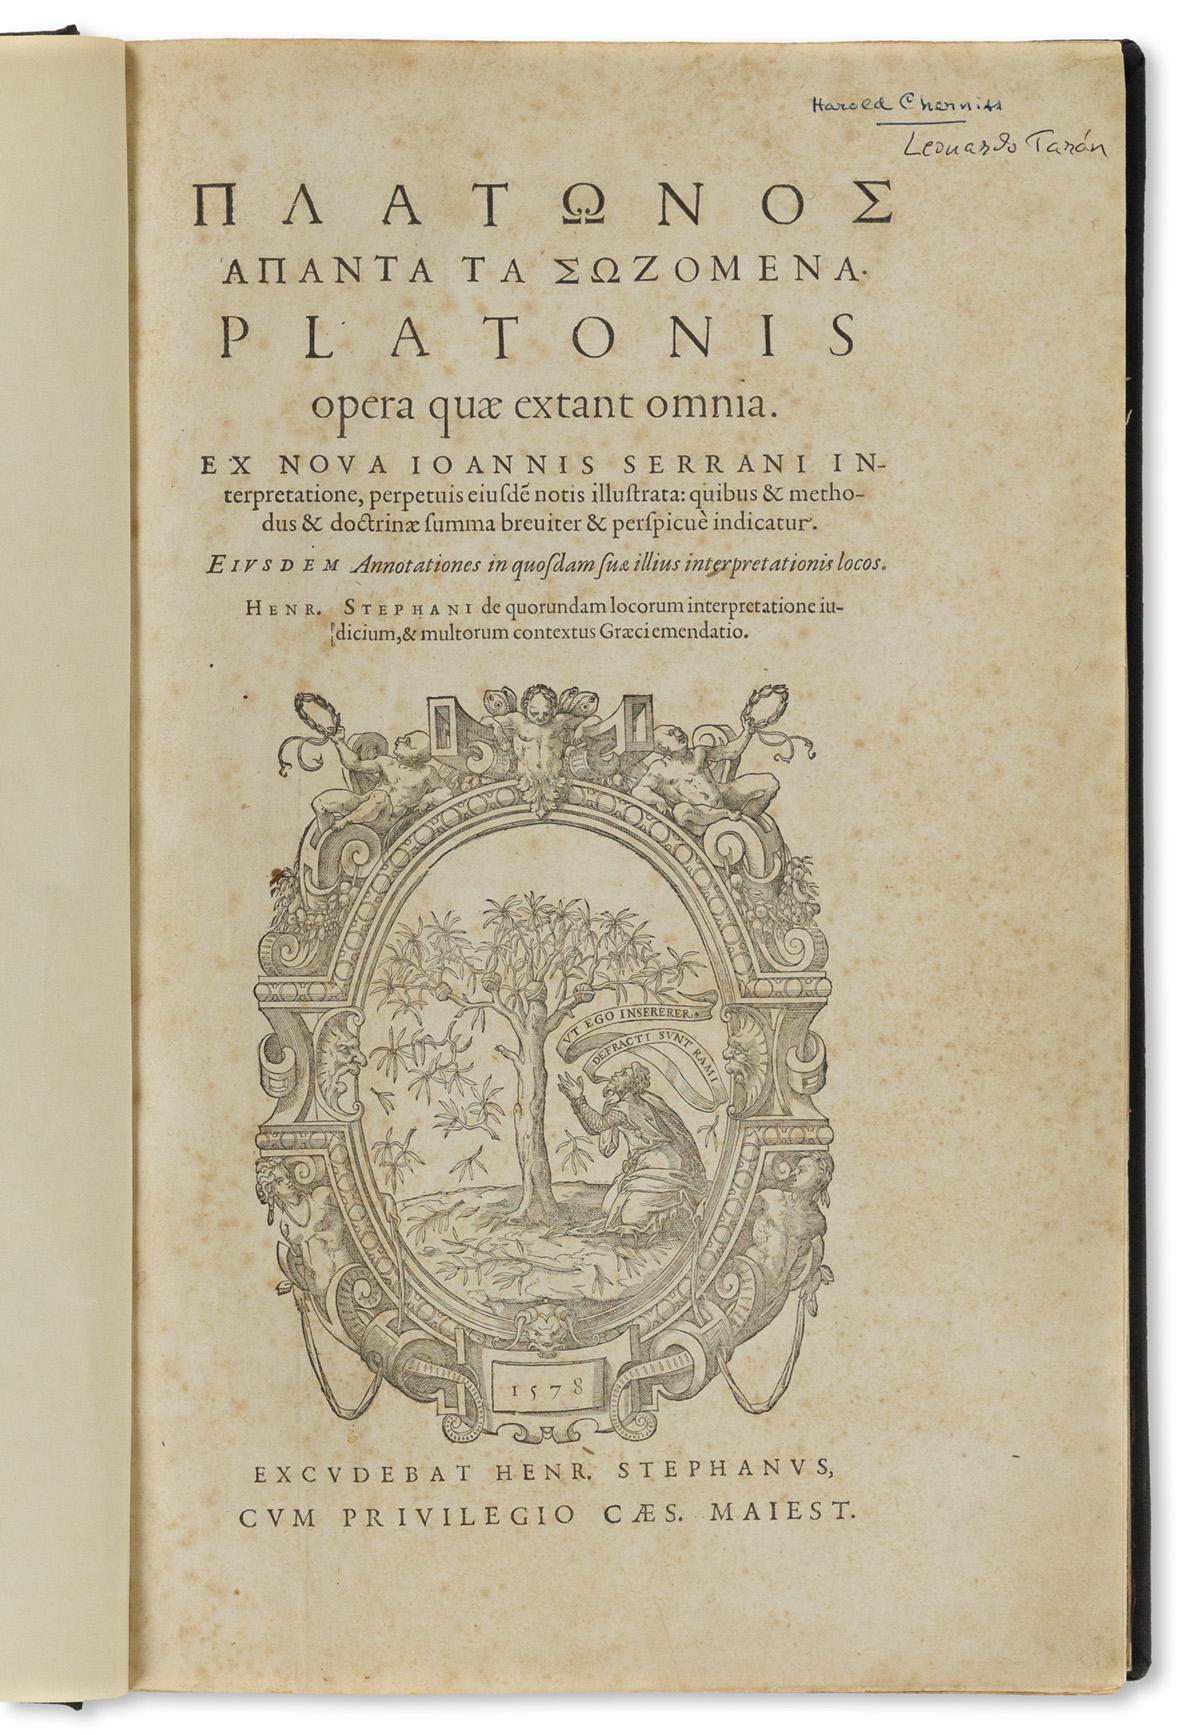 Plato (c. 427-347 BC) Opera Quae Extant Omnia.